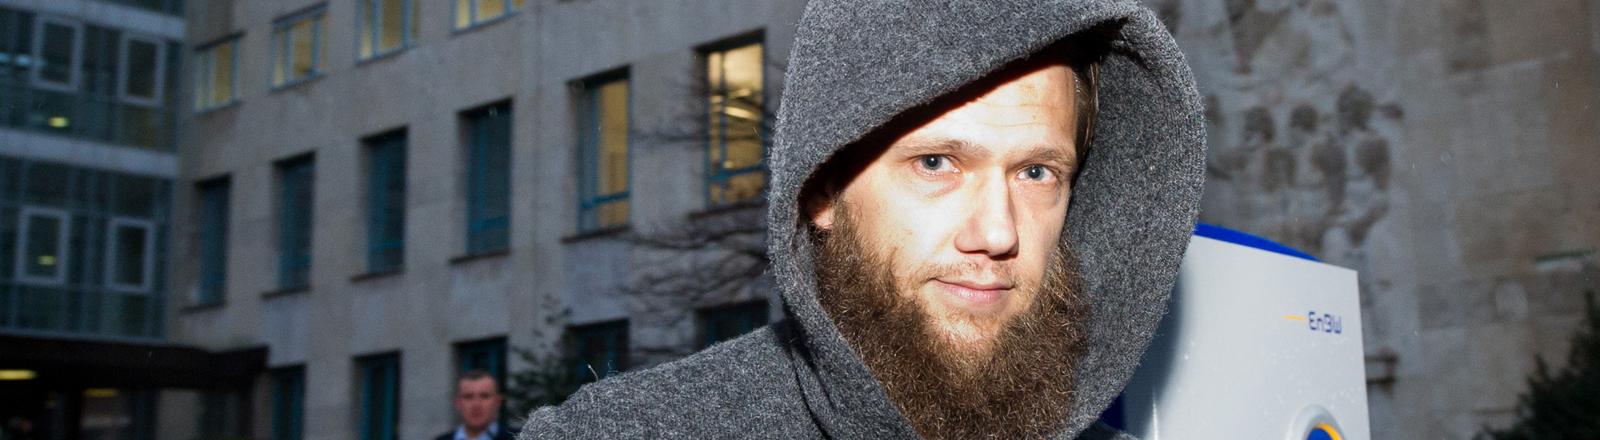 Der salafistische Prediger Sven Lau kommt am 17.12.2014 in Stuttgart (Baden-Württemberg) aus dem Oberlandesgericht. Lau war als Zeuge im Prozess gegen drei Angeklagte wegen des Vorwurfs der Mitgliedschaft und Unterstützung einer terroristischen Vereinigung geladen.